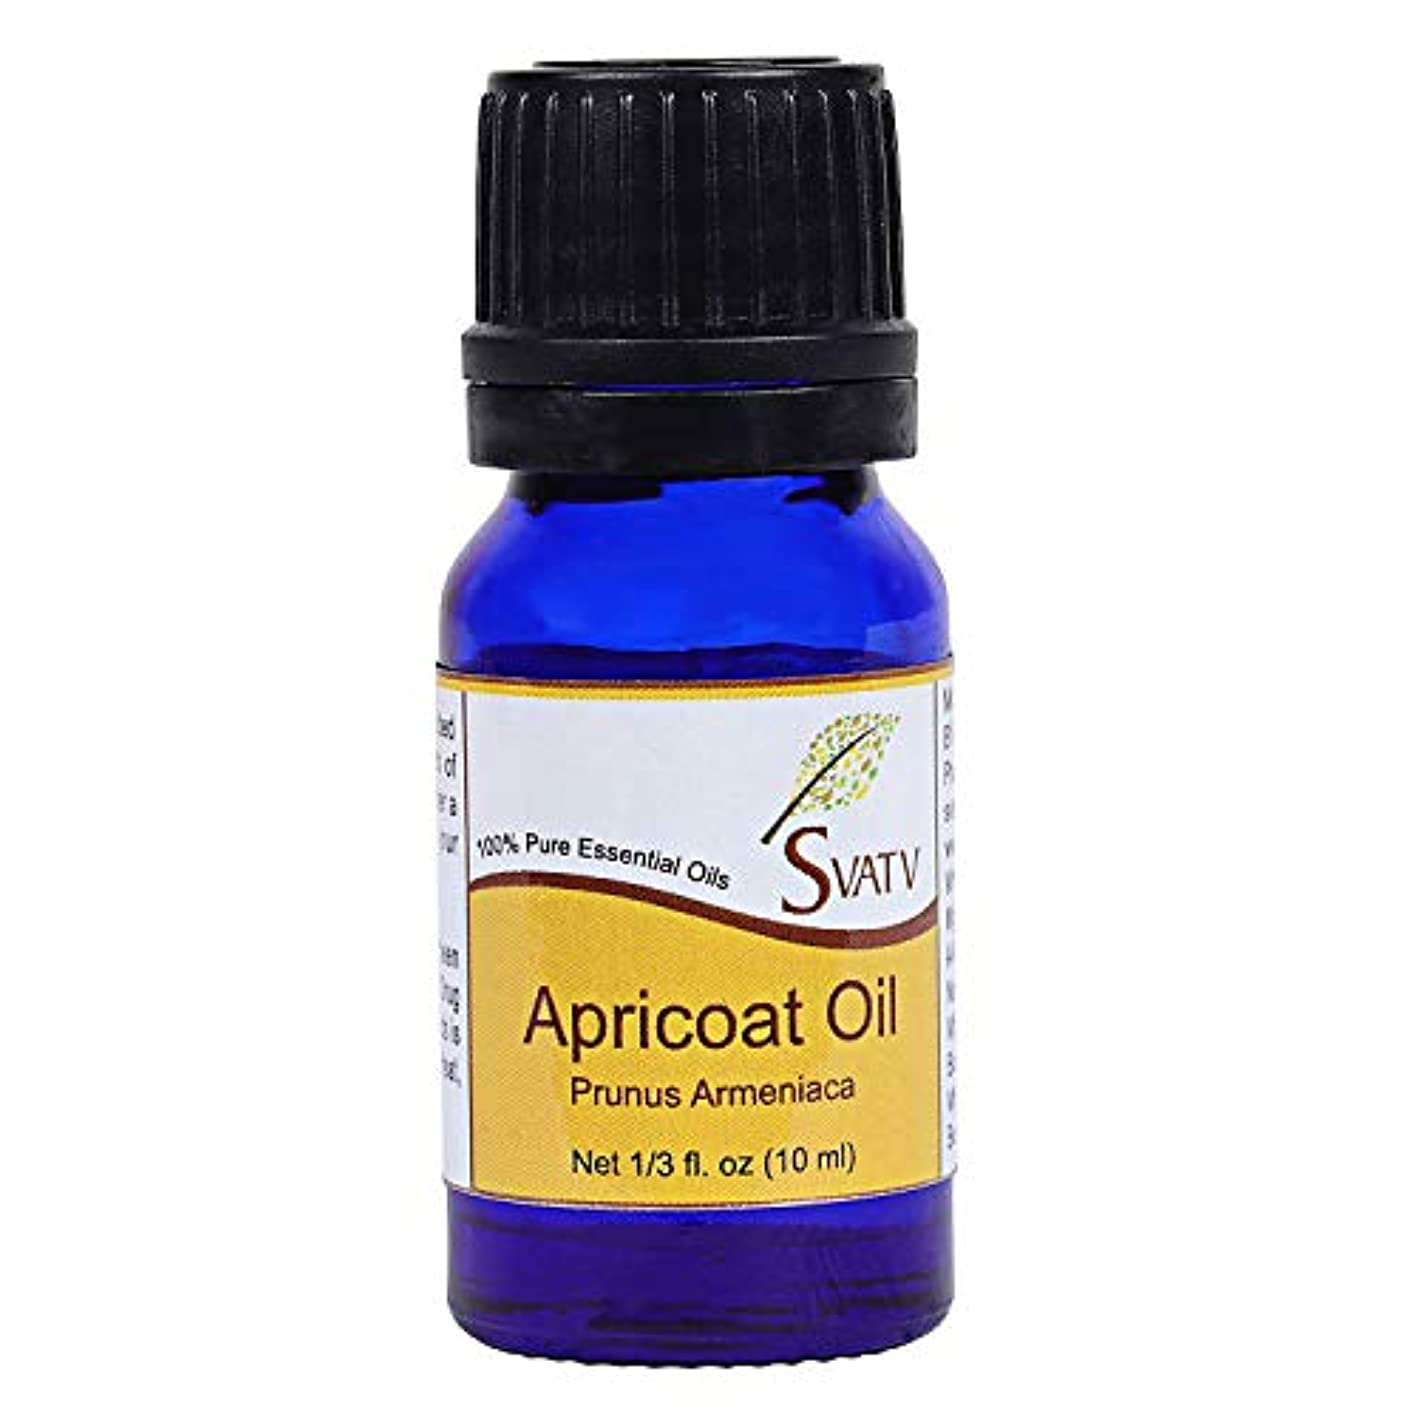 デンマークカウンタ見分けるSVATV Apricot (Prunus Armeniaca) Essential Oil 10 mL (1/3 oz) Therapeutic Grade, Aromatherapy Essential Oil